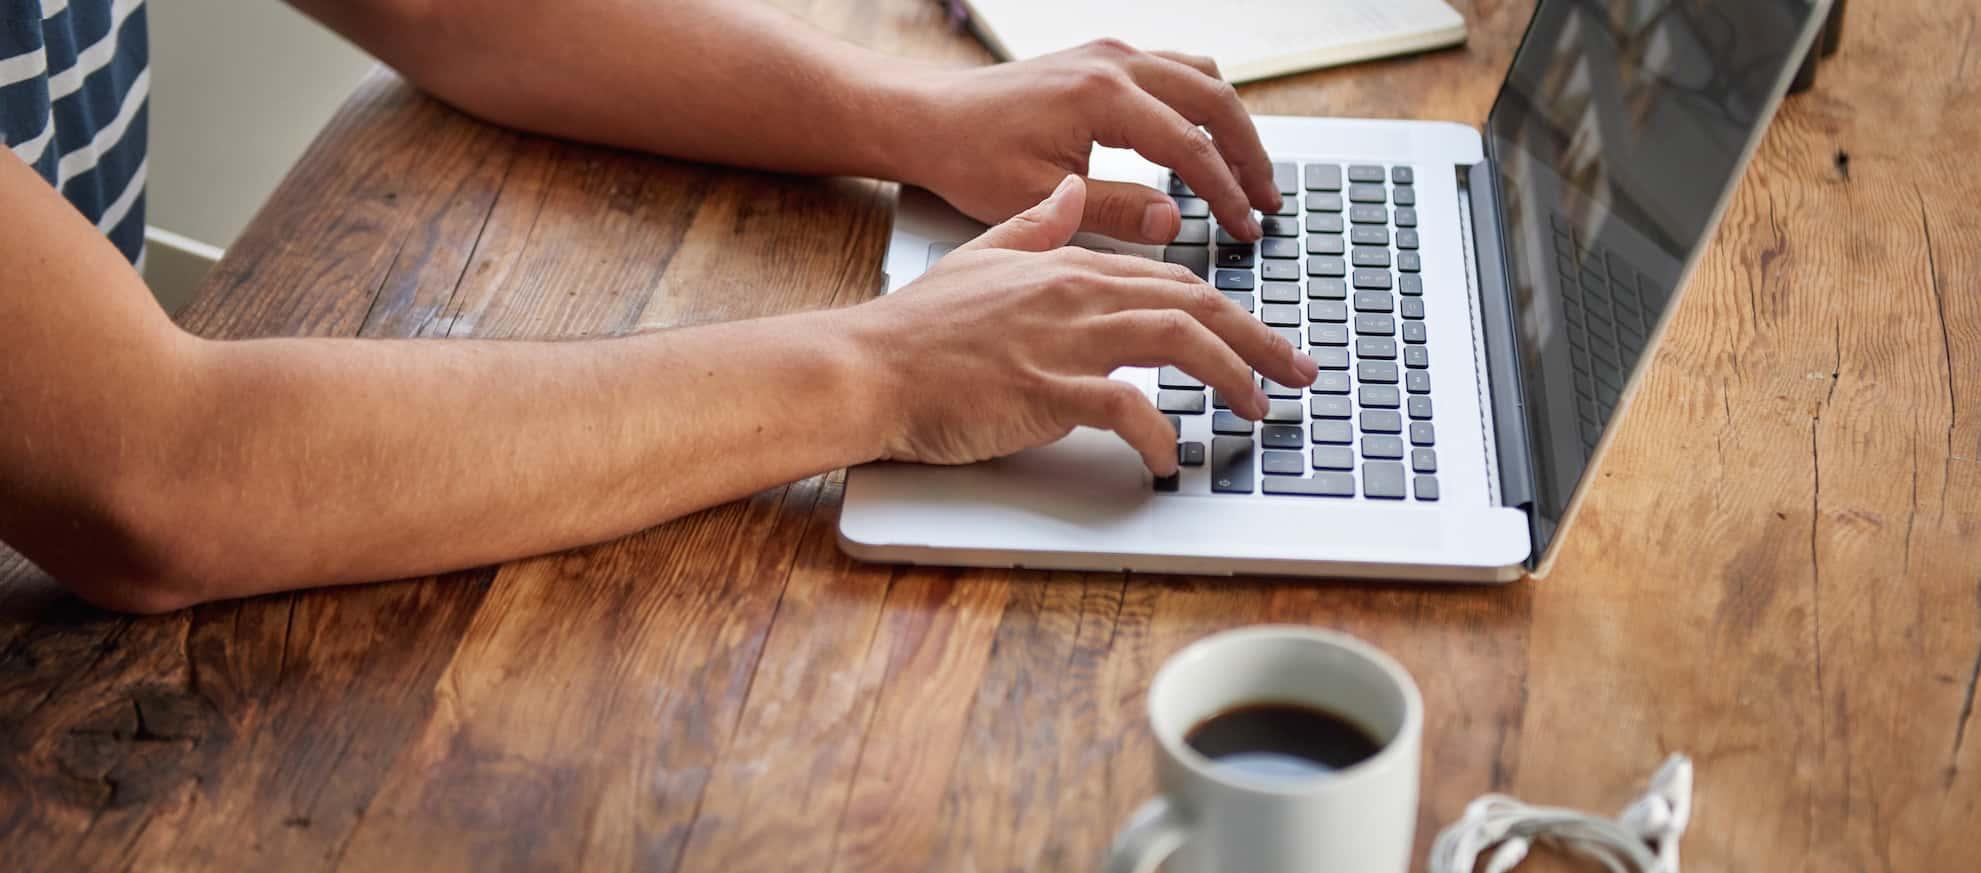 Biznes online w rutynie? 5 powodów, dla których to nie działa 3